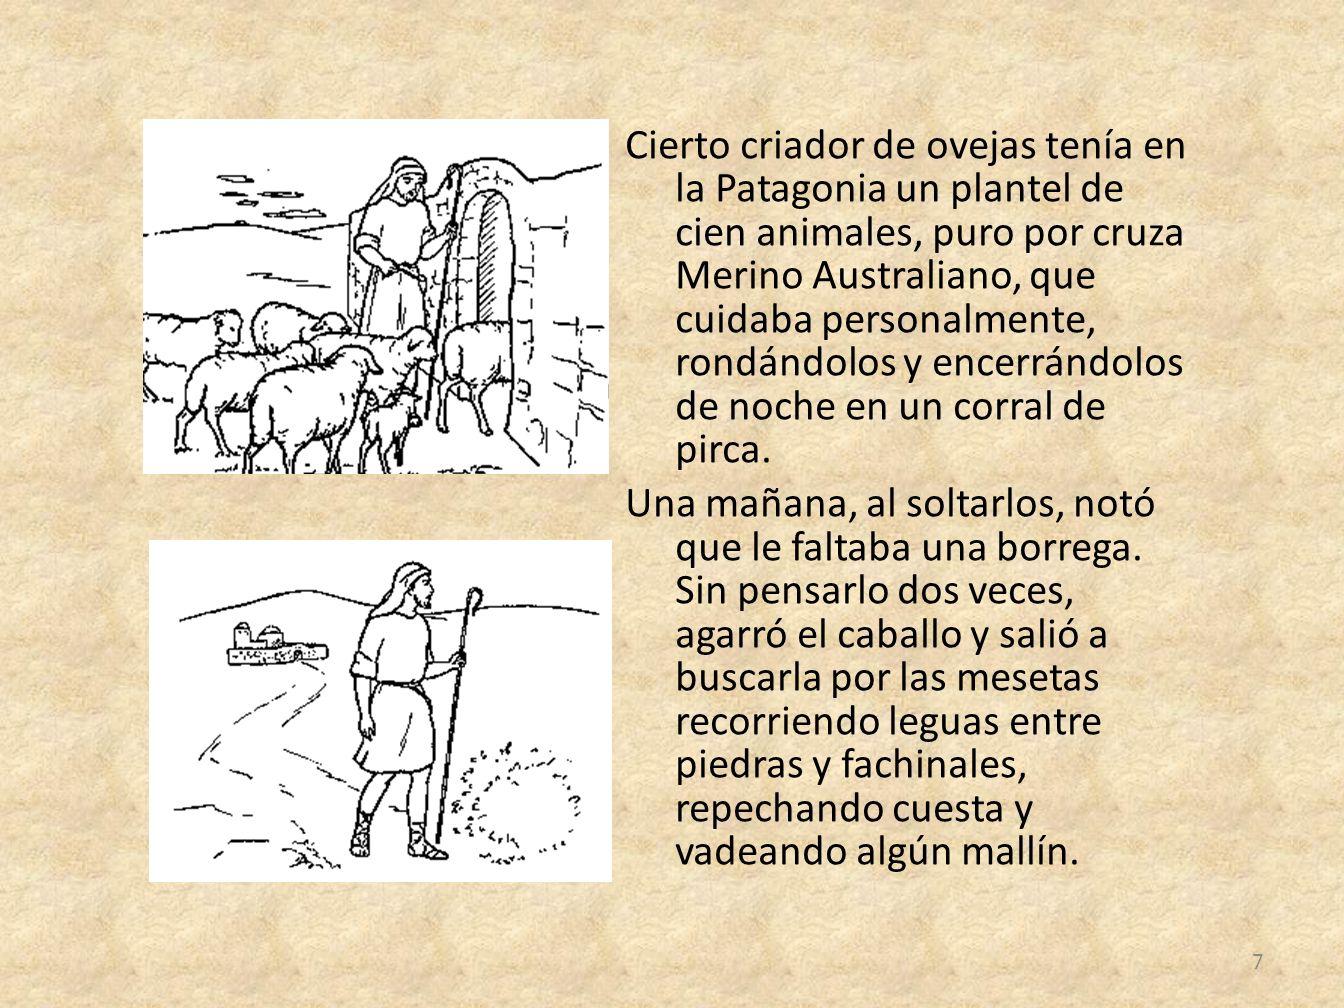 - Los pecados gravemente contrarios al sacramento del Matrimonio son los siguientes: el adulterio, la poligamia, el rechazo de la fecundidad y el divorcio.